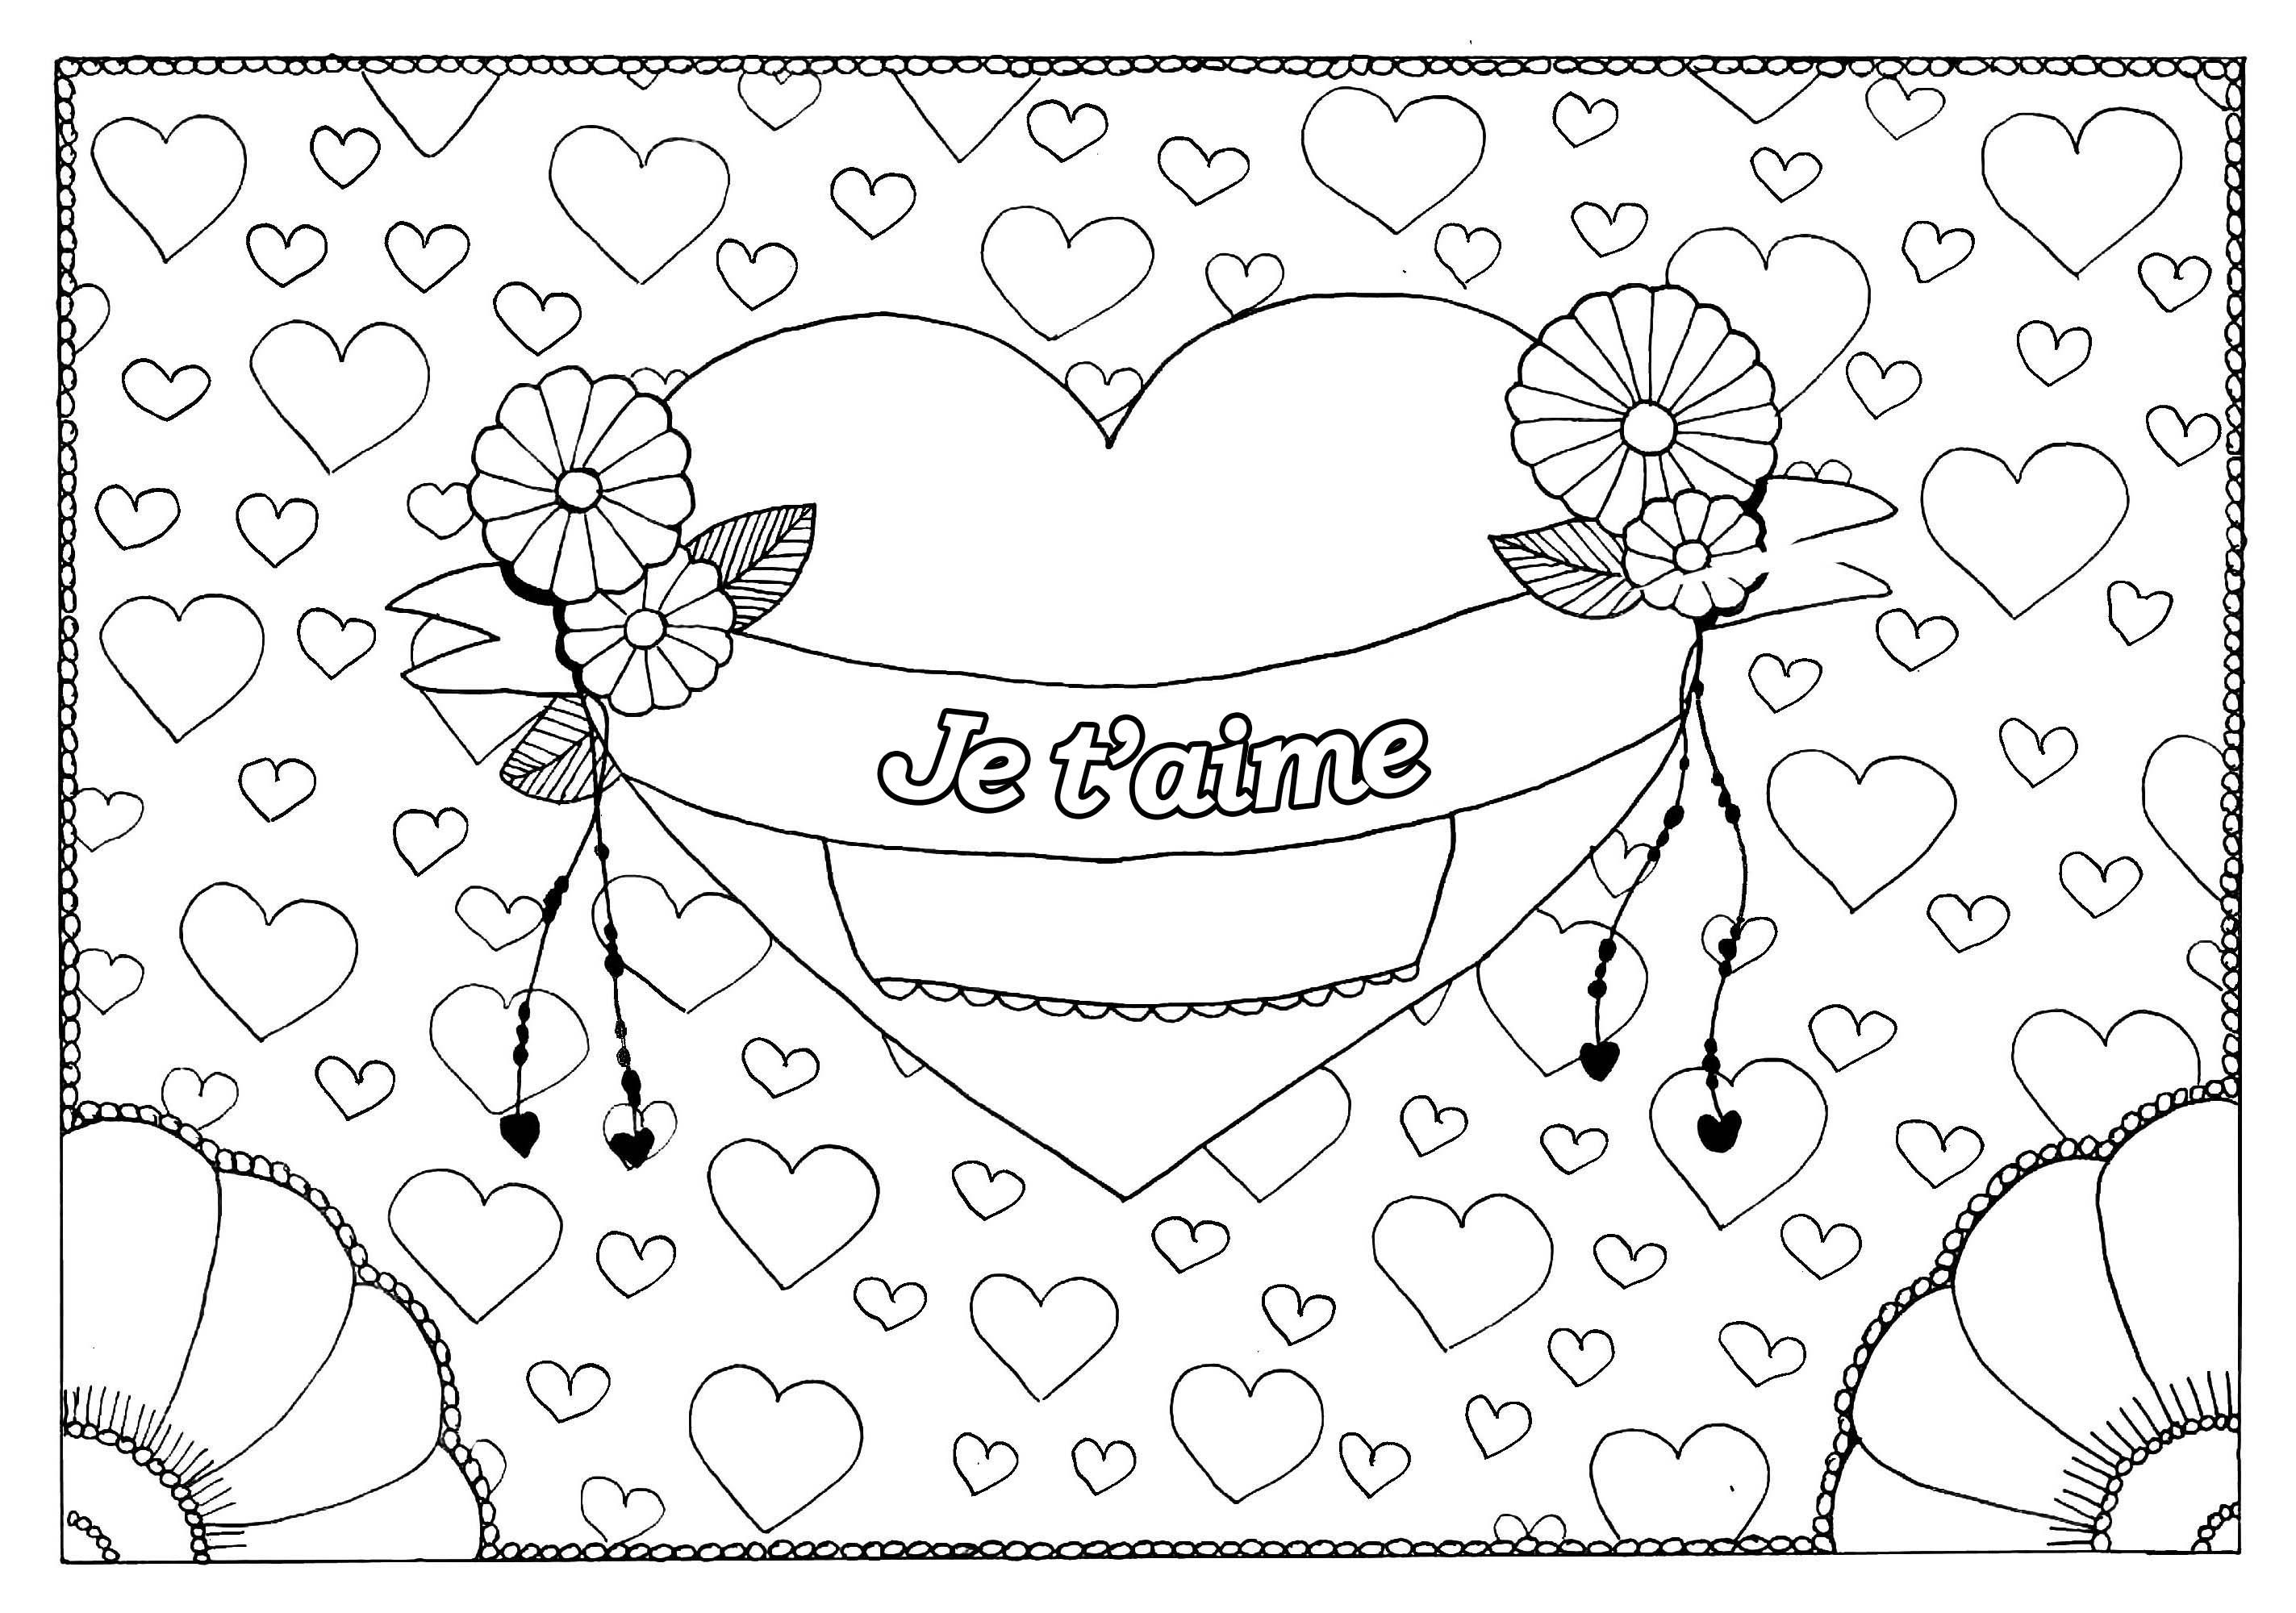 Saint Valentin 5 - Saint Valentin - Coloriages Difficiles encequiconcerne Dessin Pour La Saint Valentin